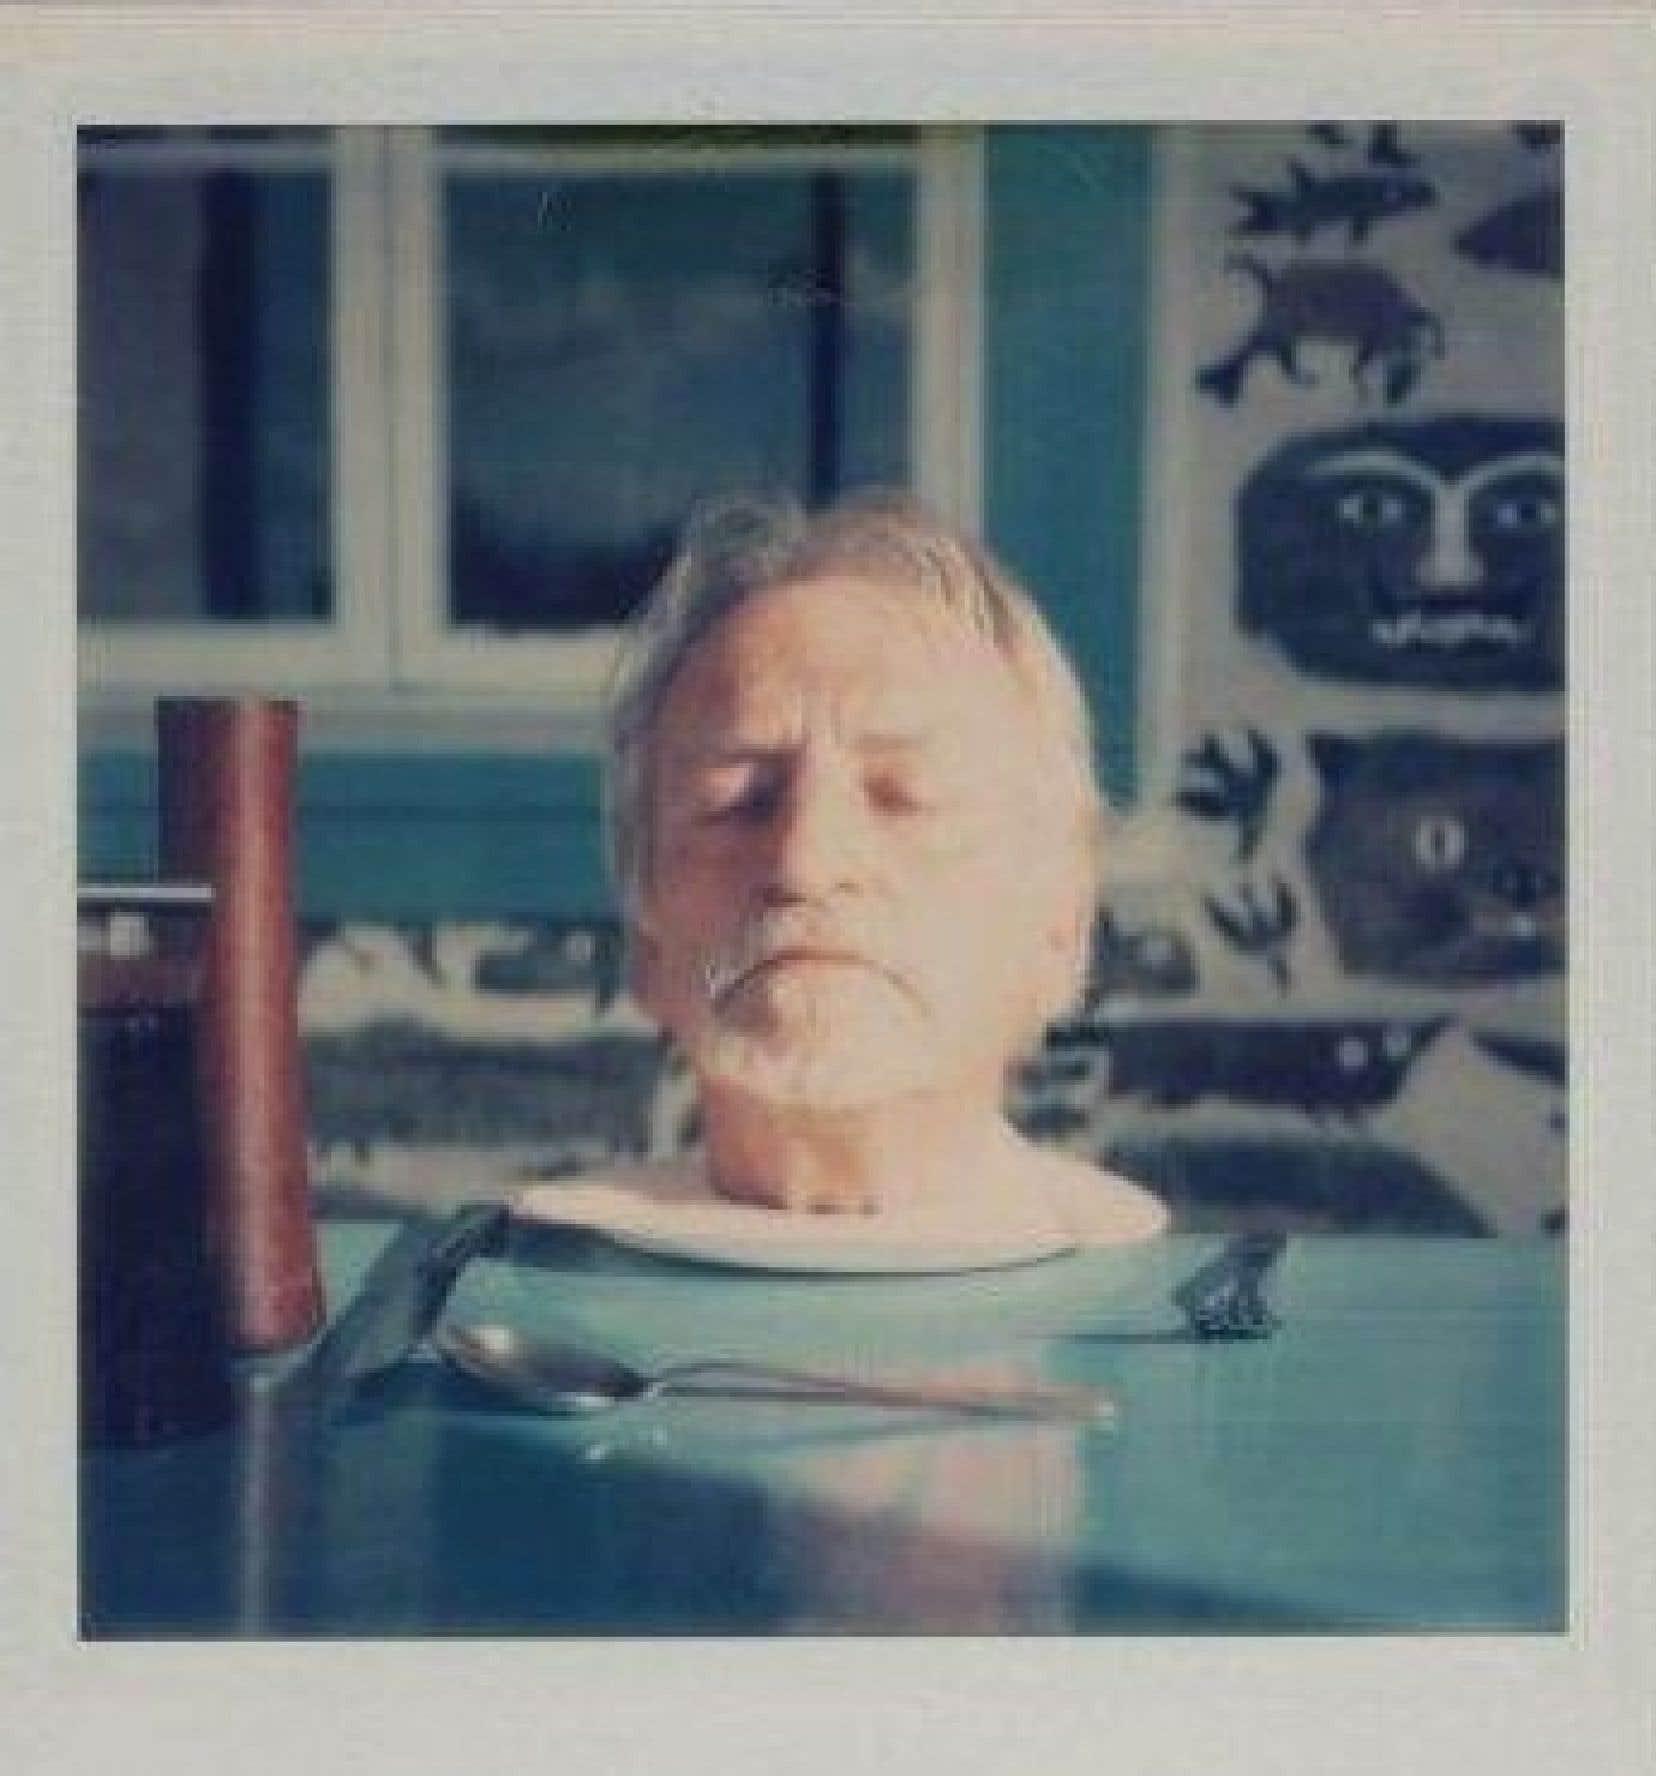 Nature morte, autoportrait humoristique d'Alfred Pellan, est une mise en scène montrant l'artiste, la tête déposée dans une assiette, immortalisé à l'aide d'un Polaroïd par sa femme Madeleine.